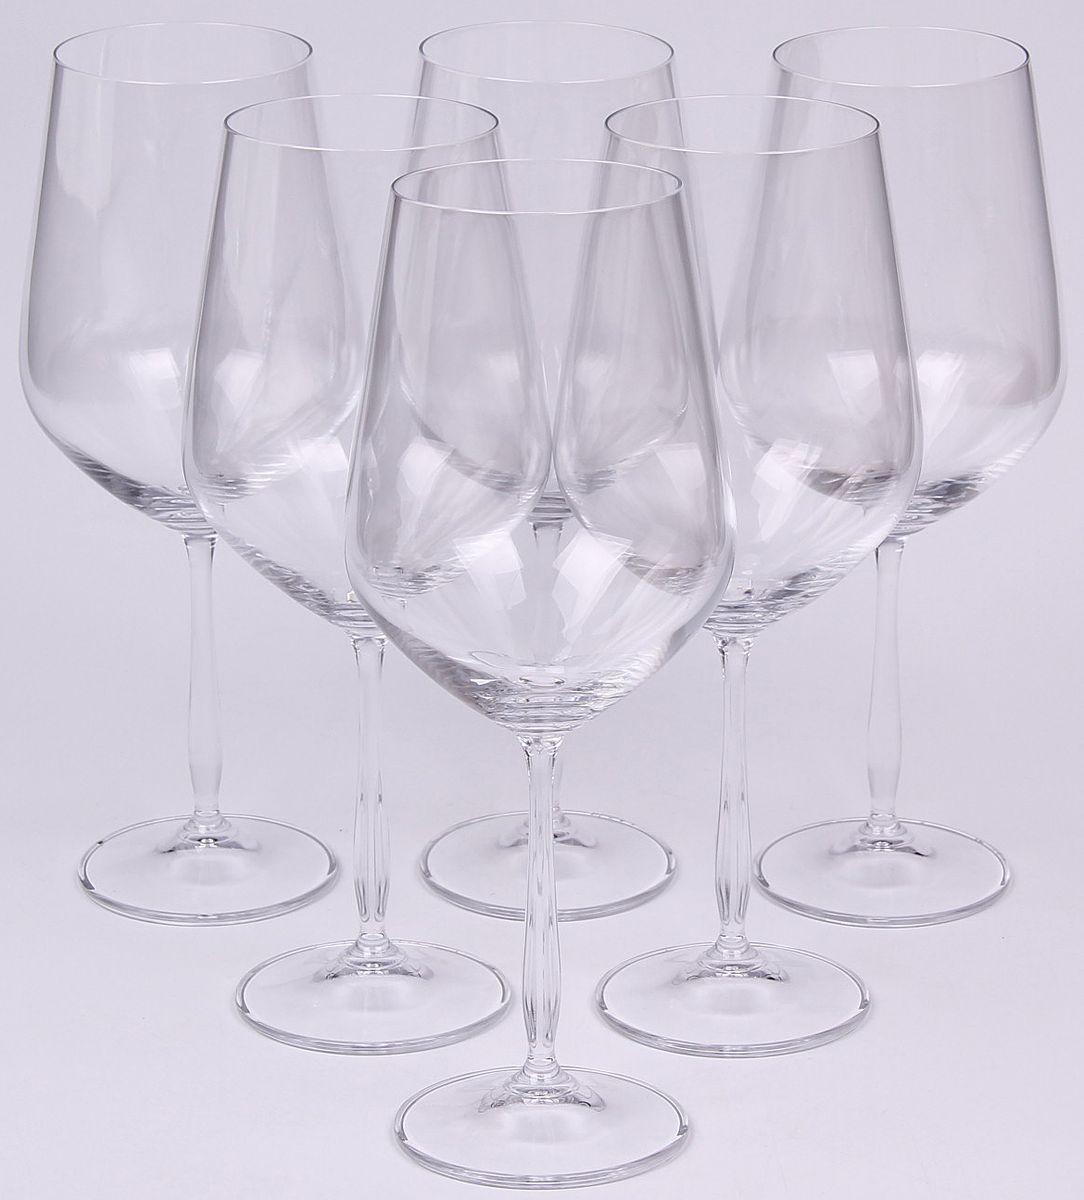 Набор бокалов для вина Banquet Crystal, 800 мл, 6 шт. 02B2G00380002B2G003800Набор Banquet Crystal состоит из шести бокалов для вина, выполненных из стекла. Изделия оснащены ножками. Бокалы сочетают в себе элегантный дизайн и функциональность. Благодаря такому набору пить напитки будет еще вкуснее.